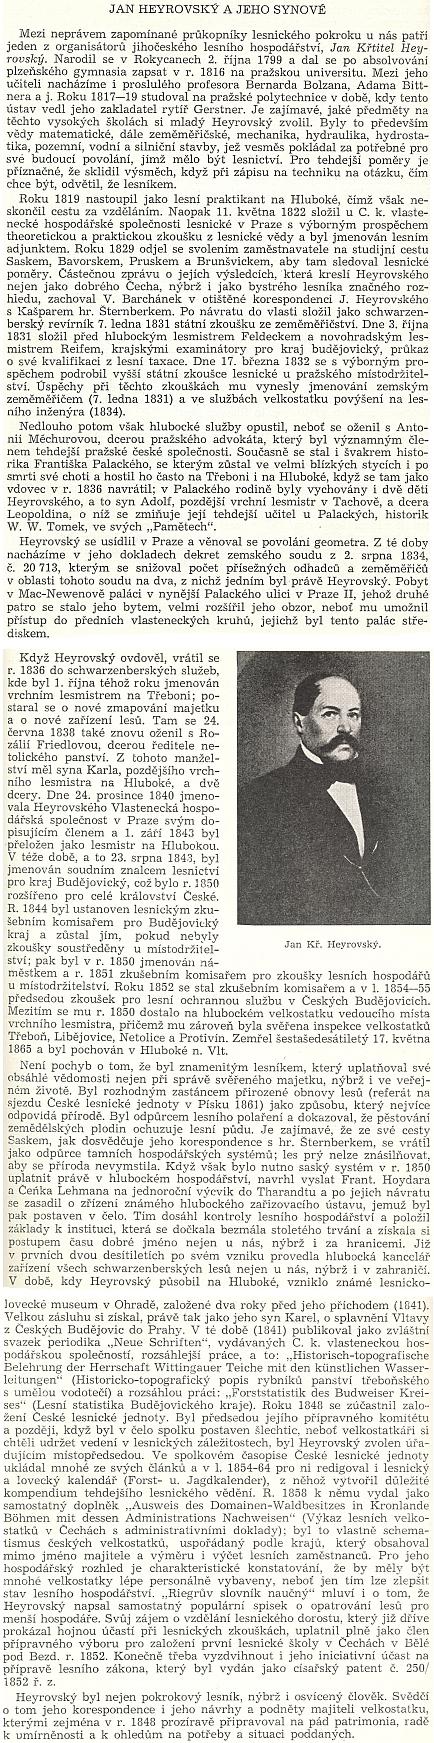 Kapitola o něm a jeho synech z knihy vydané v roce 1958 Československou akademií zemědělských věd